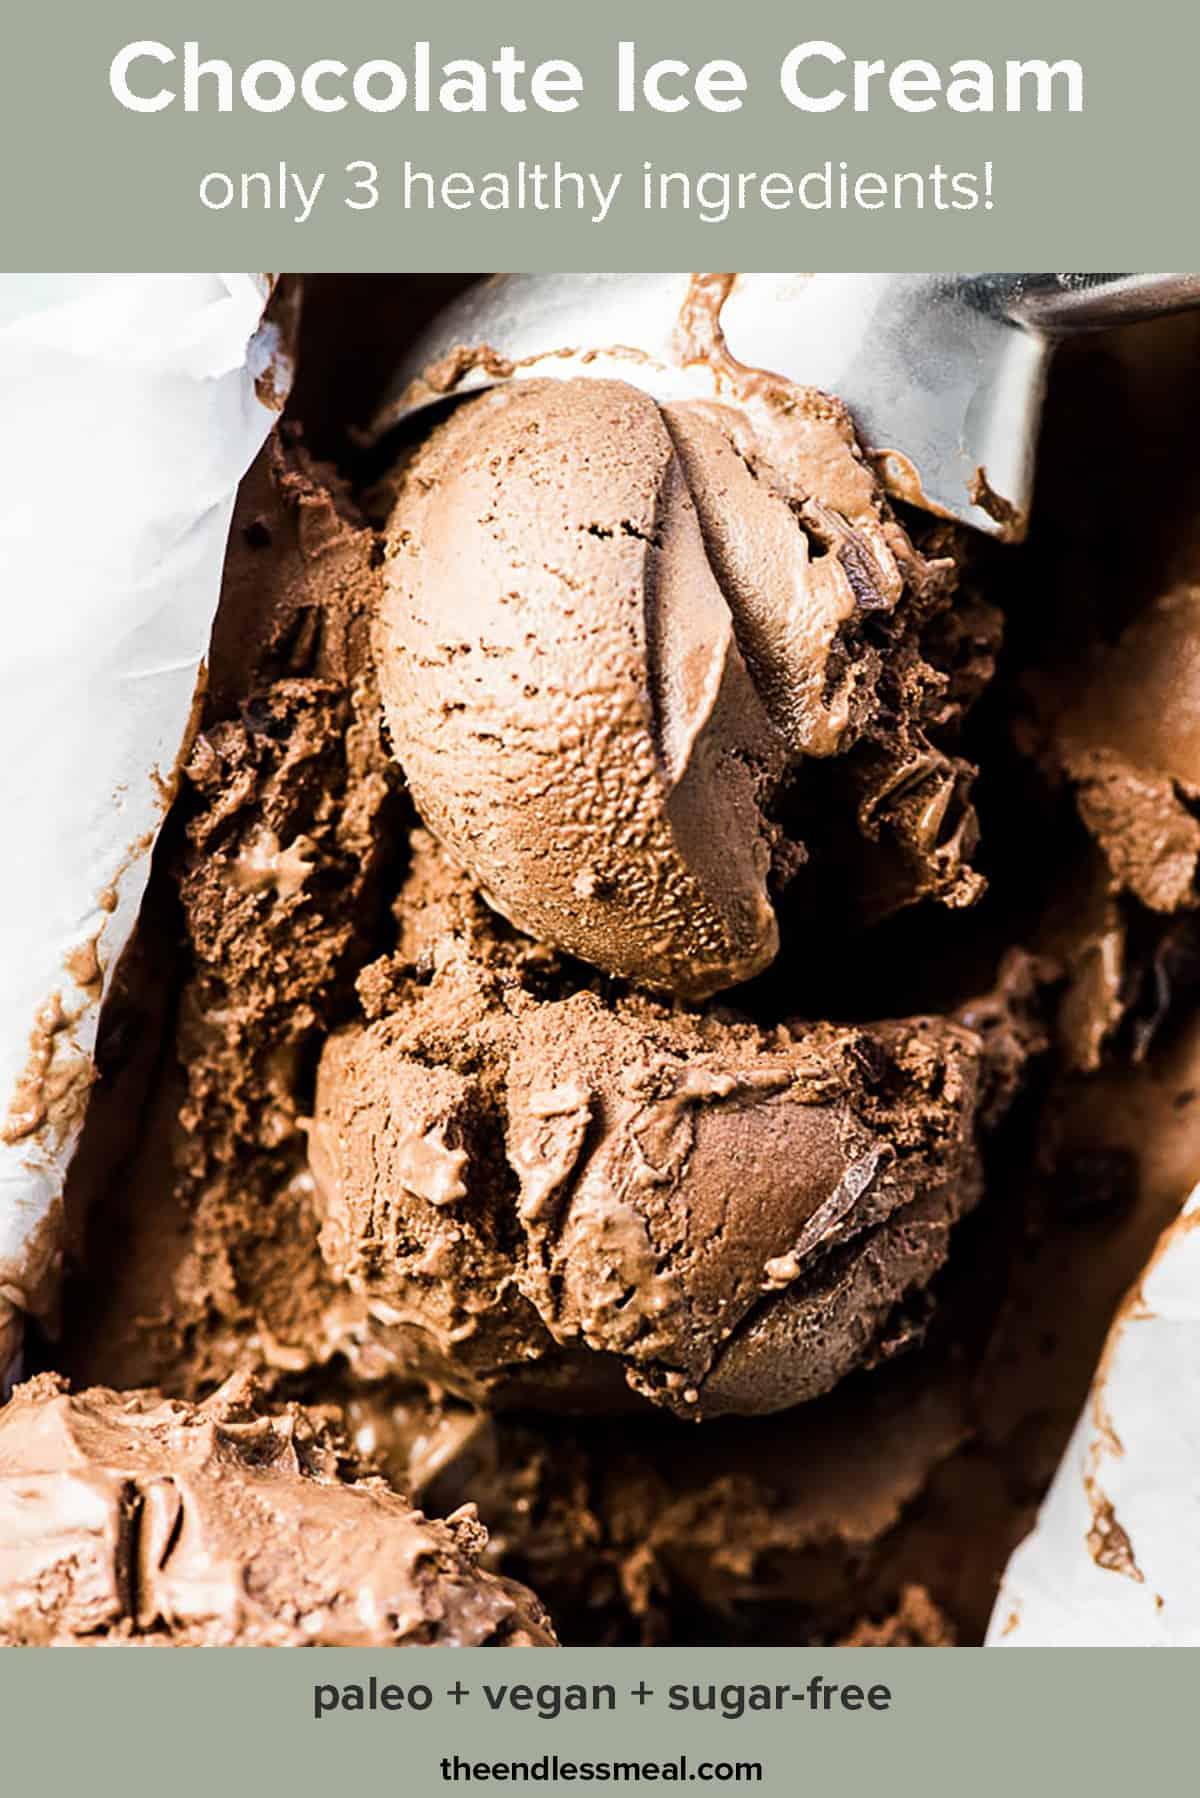 An ice cream scoop making balls of banana chocolate ice cream.